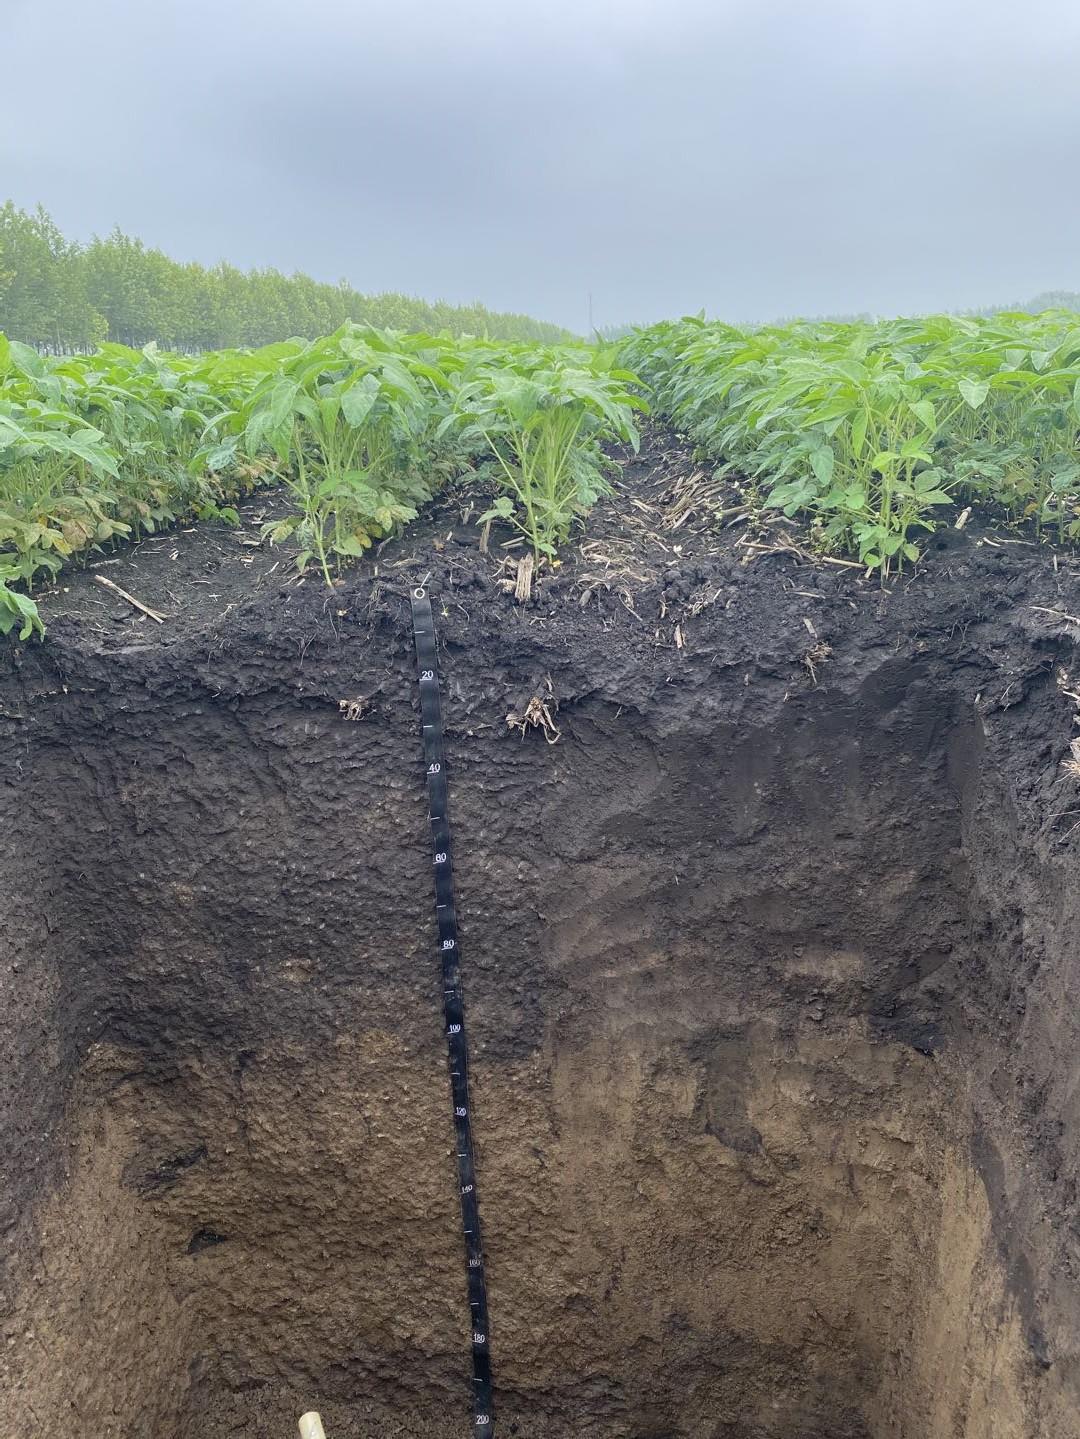 位于海伦市前进镇六合村的中国科学院黑土粮仓科技会战核心示范区,经过秸秆深混还田肥沃耕层构建,耕作层厚度已经增加至35厘米。